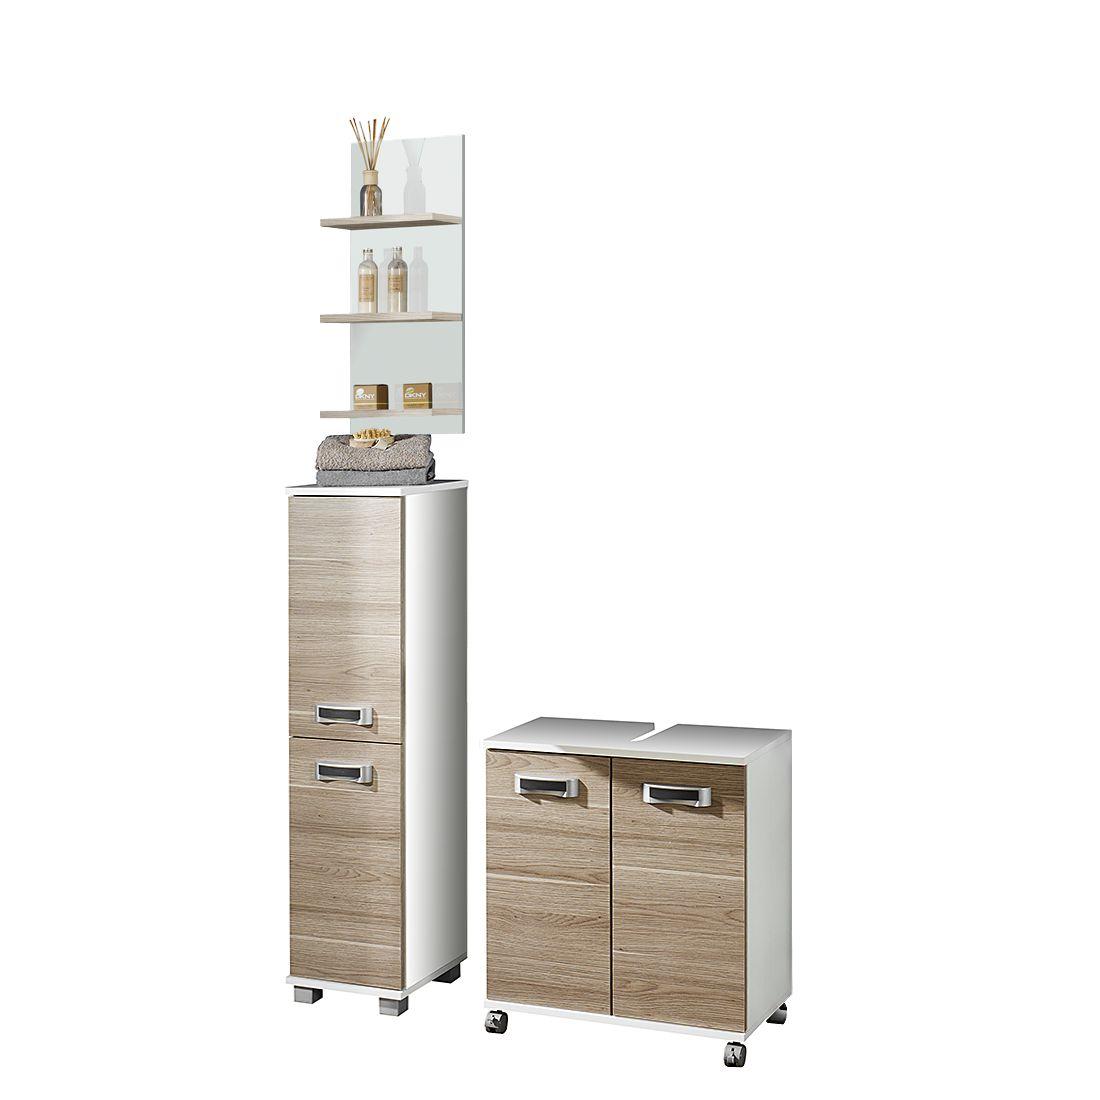 Badmöbel-Sets 3-teilig | Entdecke dein Waschtisch-Set online | home24